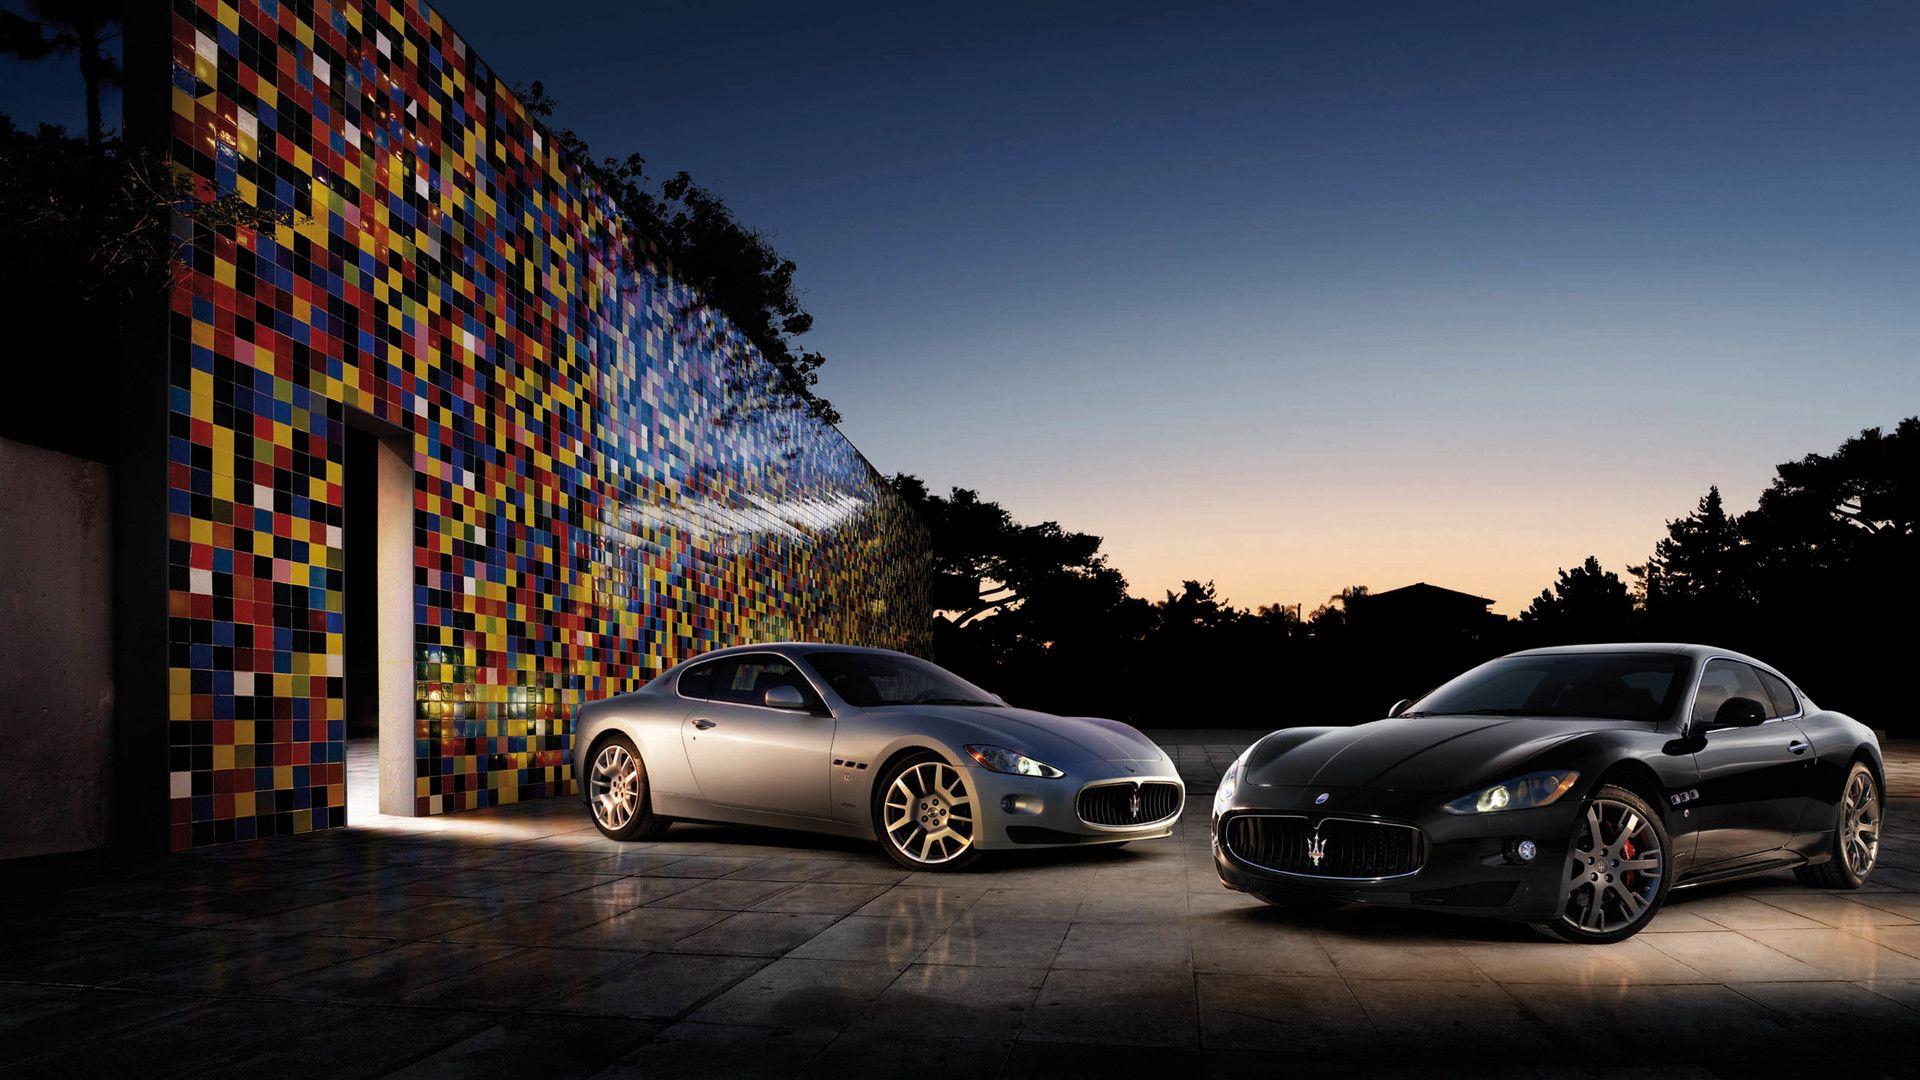 Widescreen Wallpaper Cars